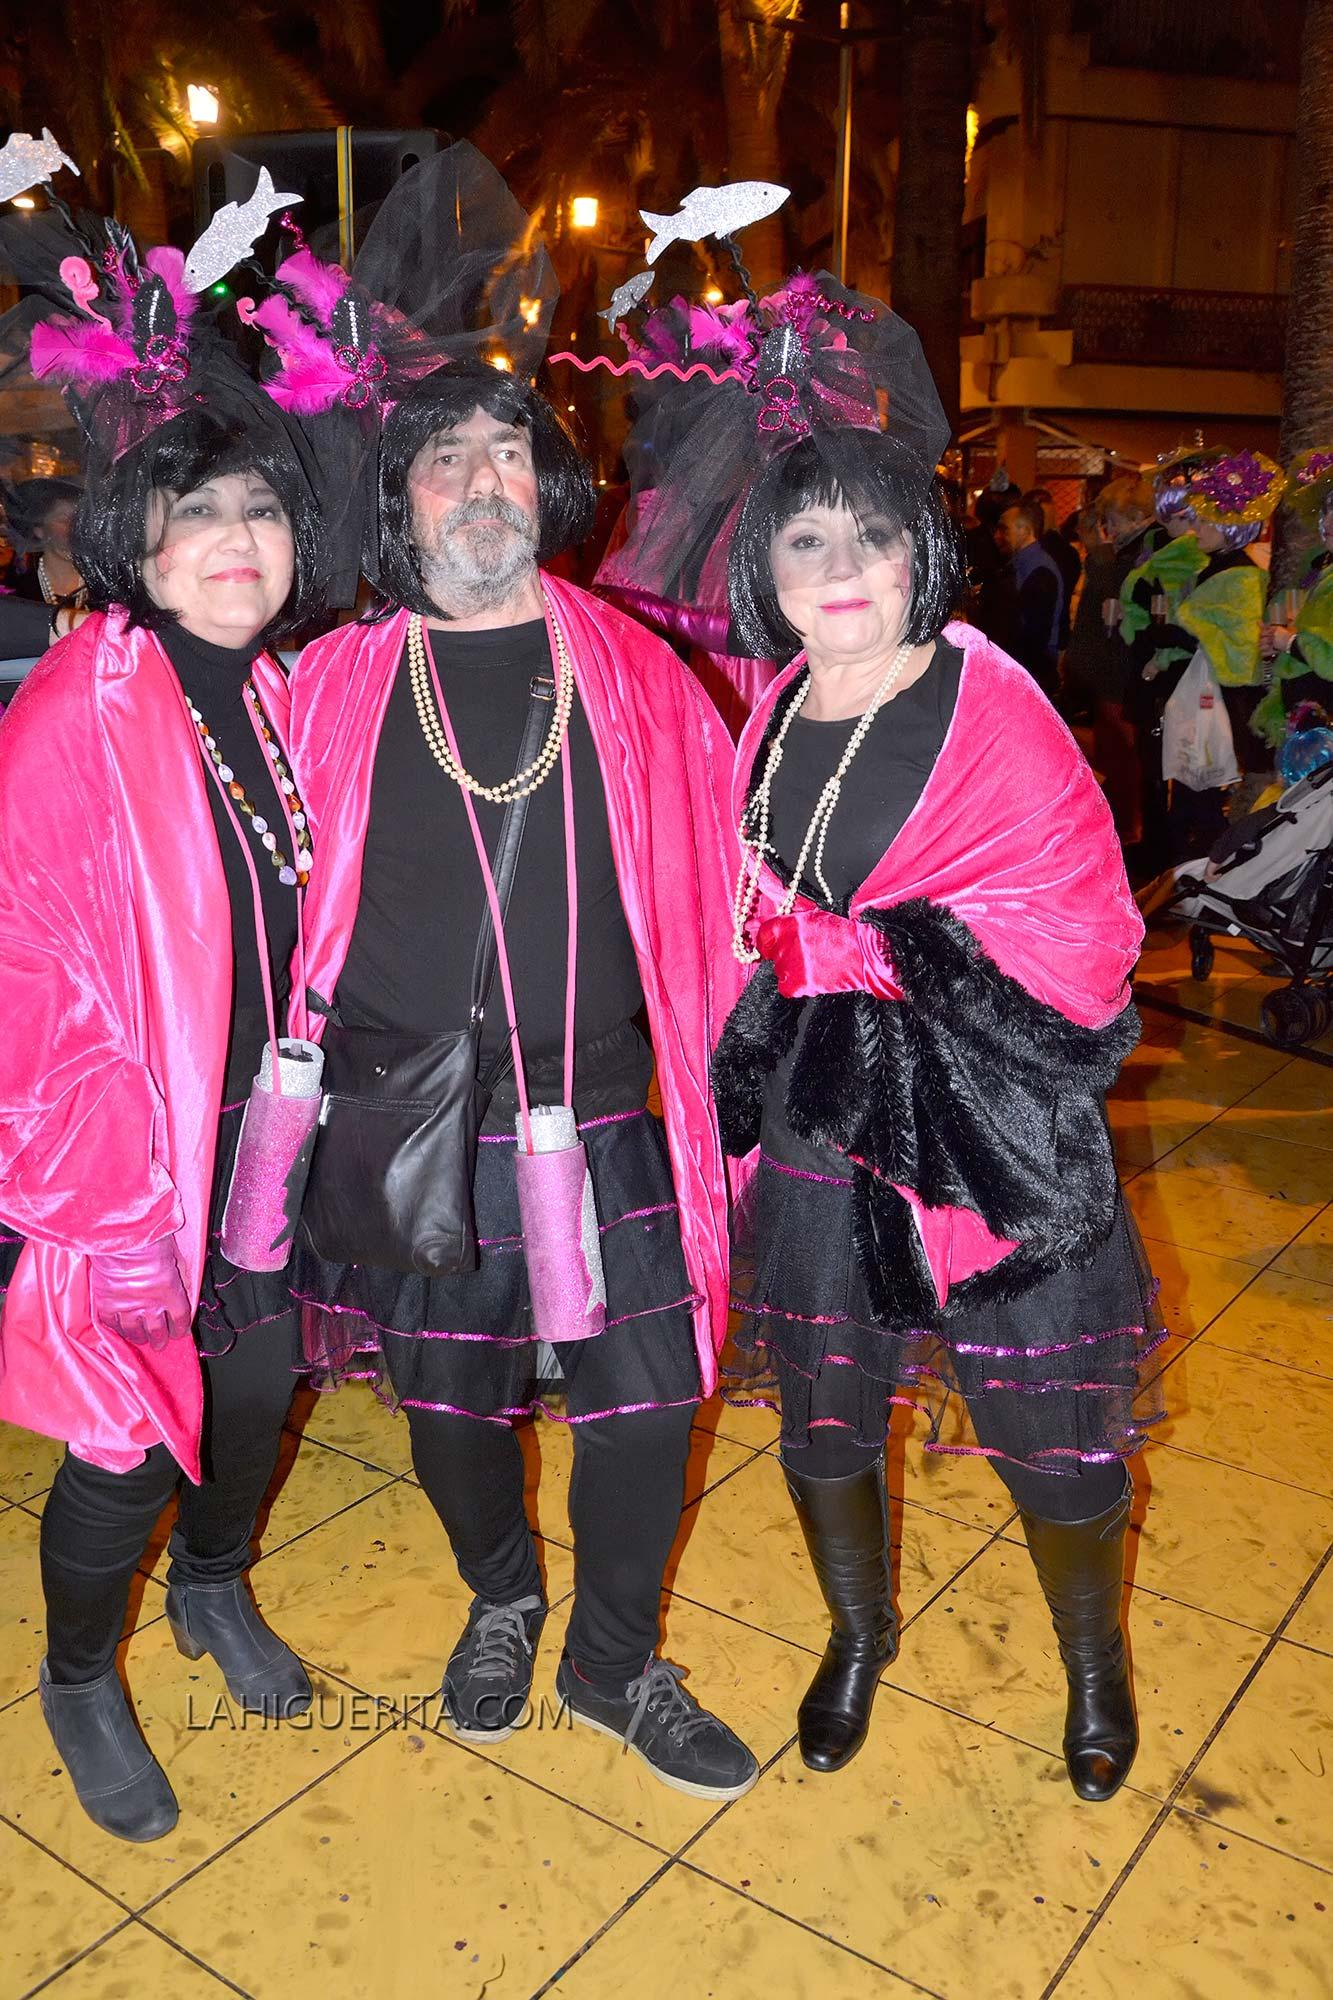 Entierro de la sardina carnaval isla cristina _DSC2055